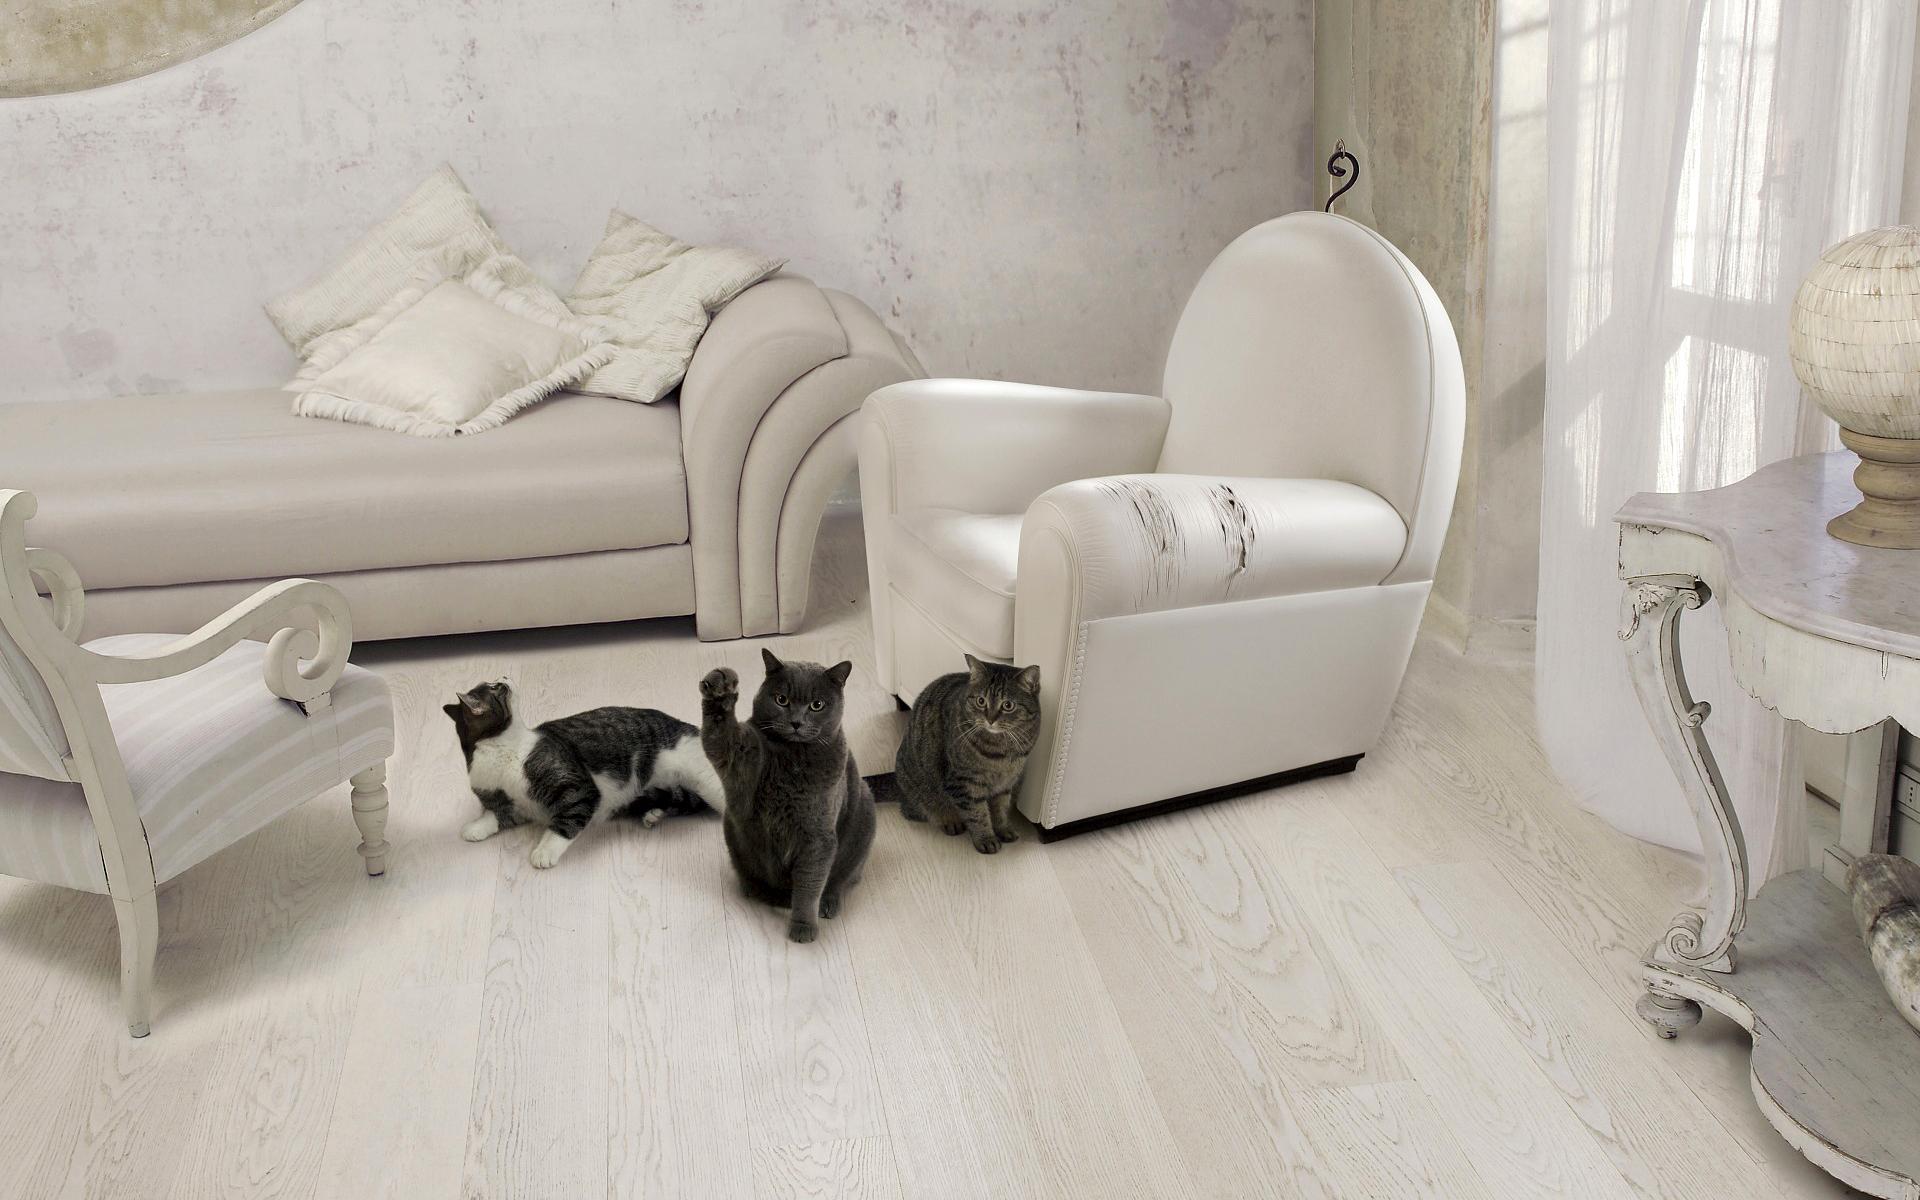 Кошка дерет мебель? Отучить кошку царапать мебель просто 9